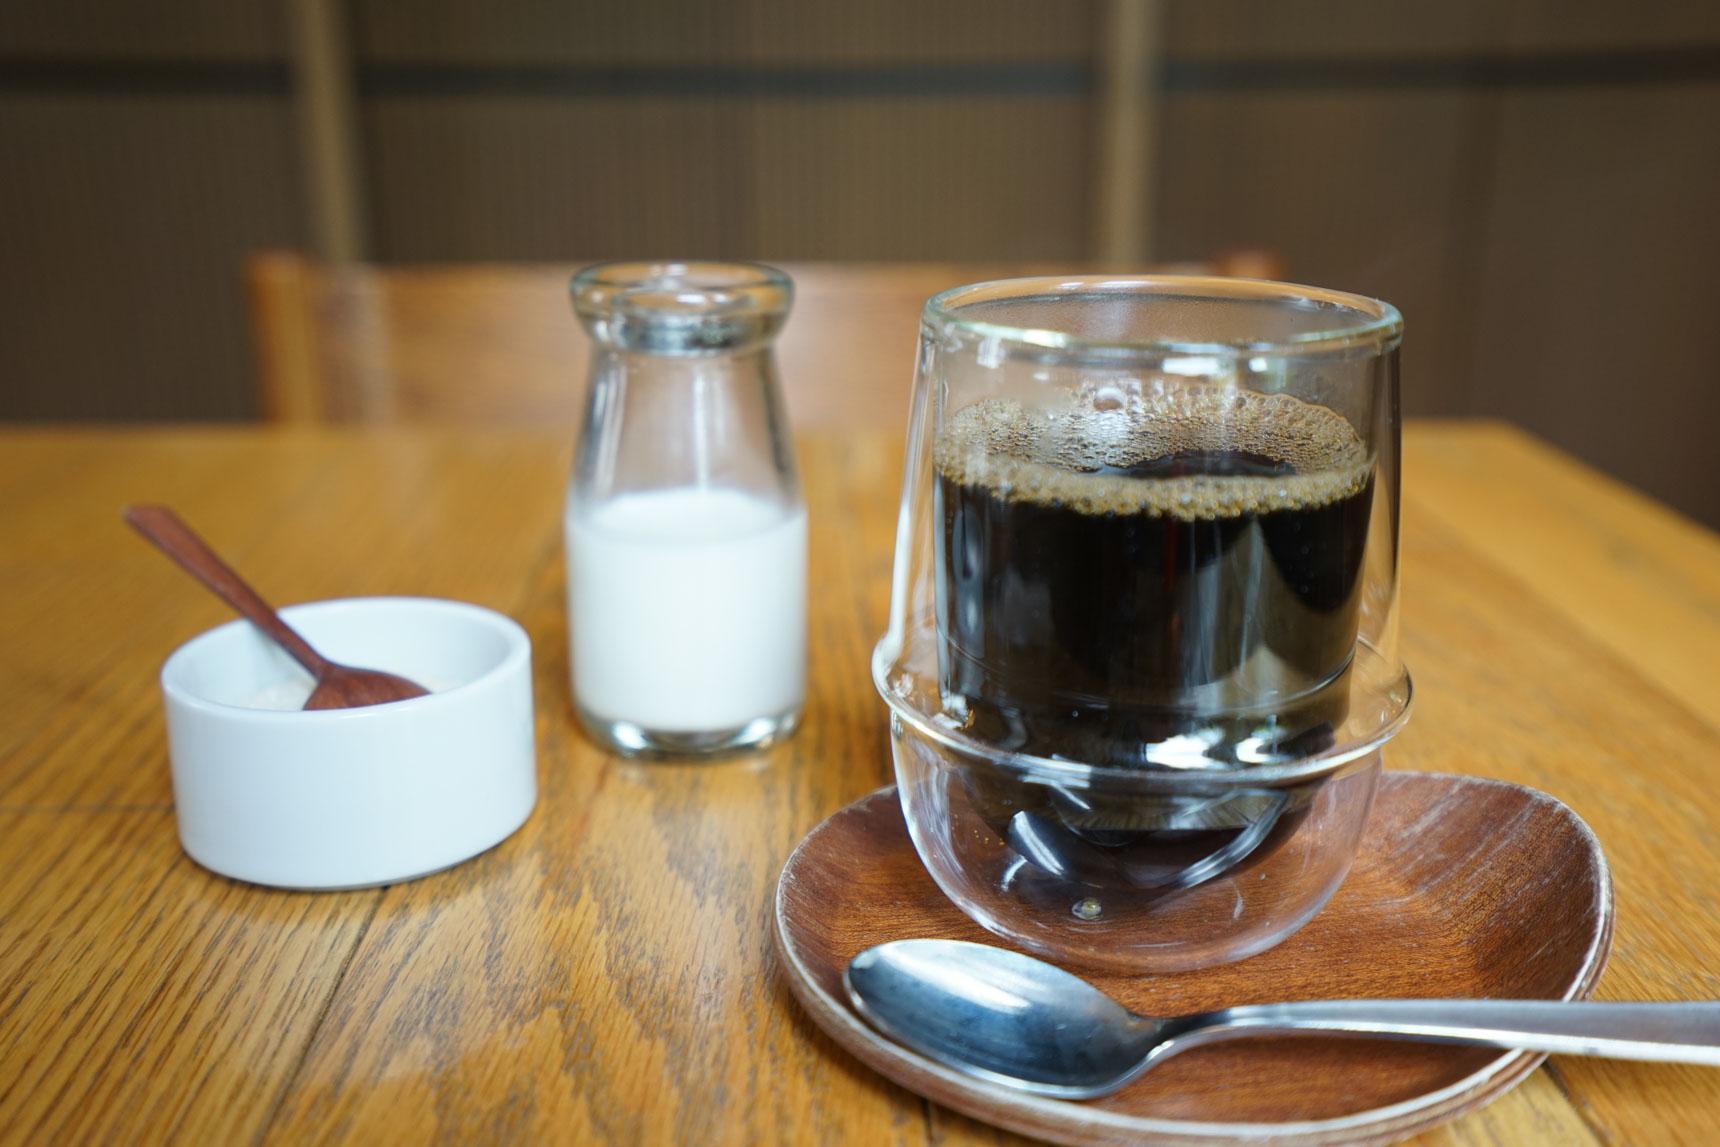 食後にはコーヒーを。細部まで、北欧的なセンスの良さが光りますね